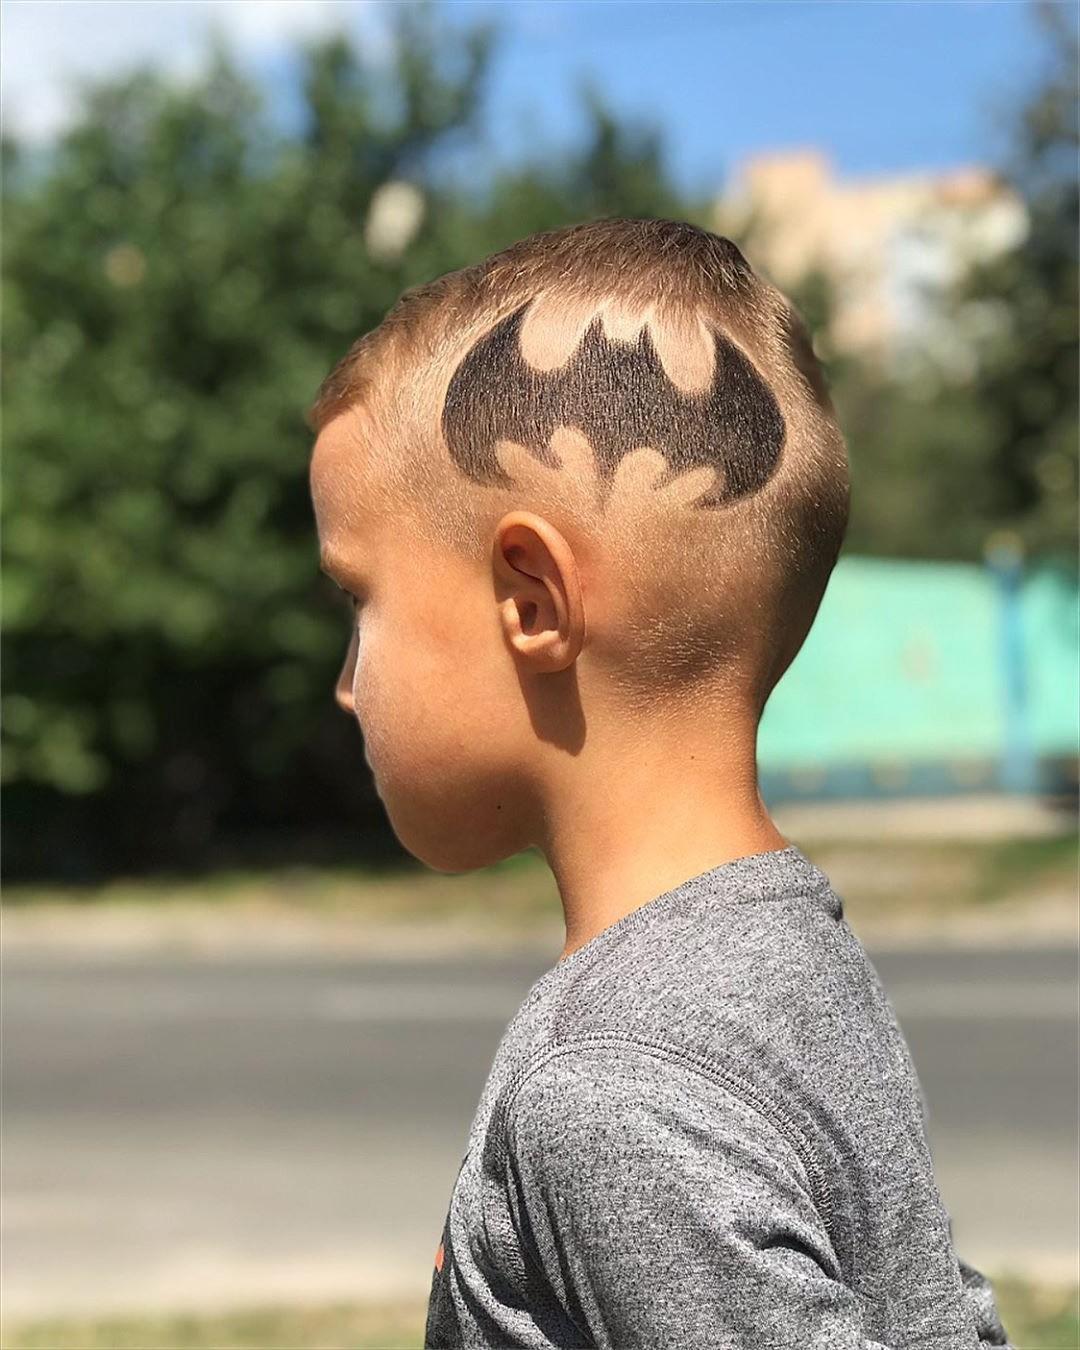 Batman Hairstyle Design for Children